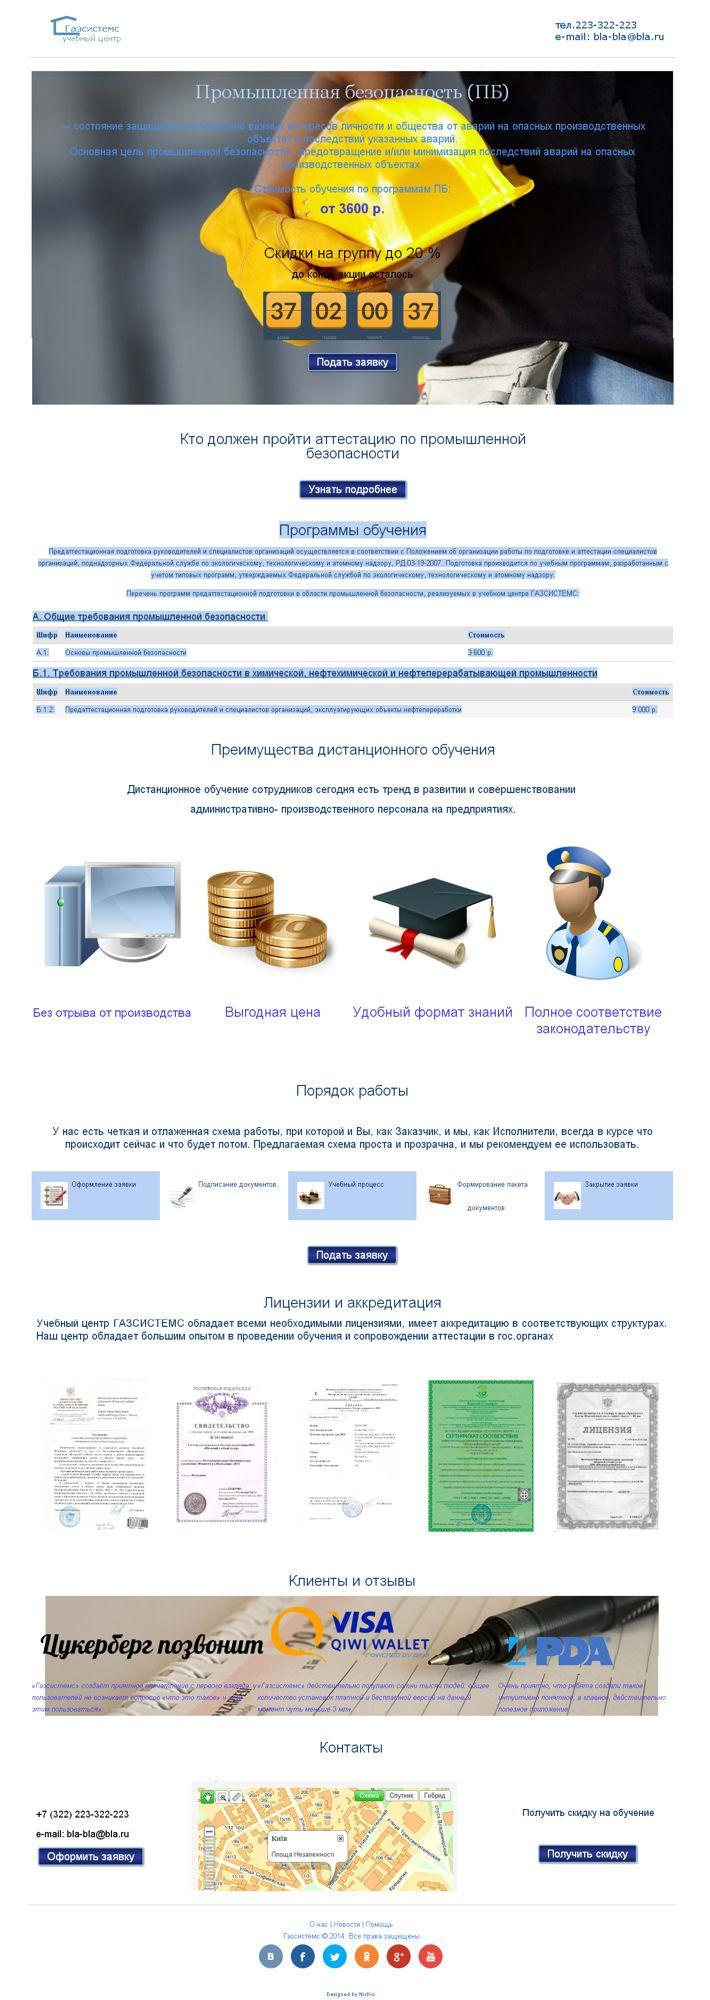 Дизайн одностраничника по программе обучения - дизайнер olga_r_b